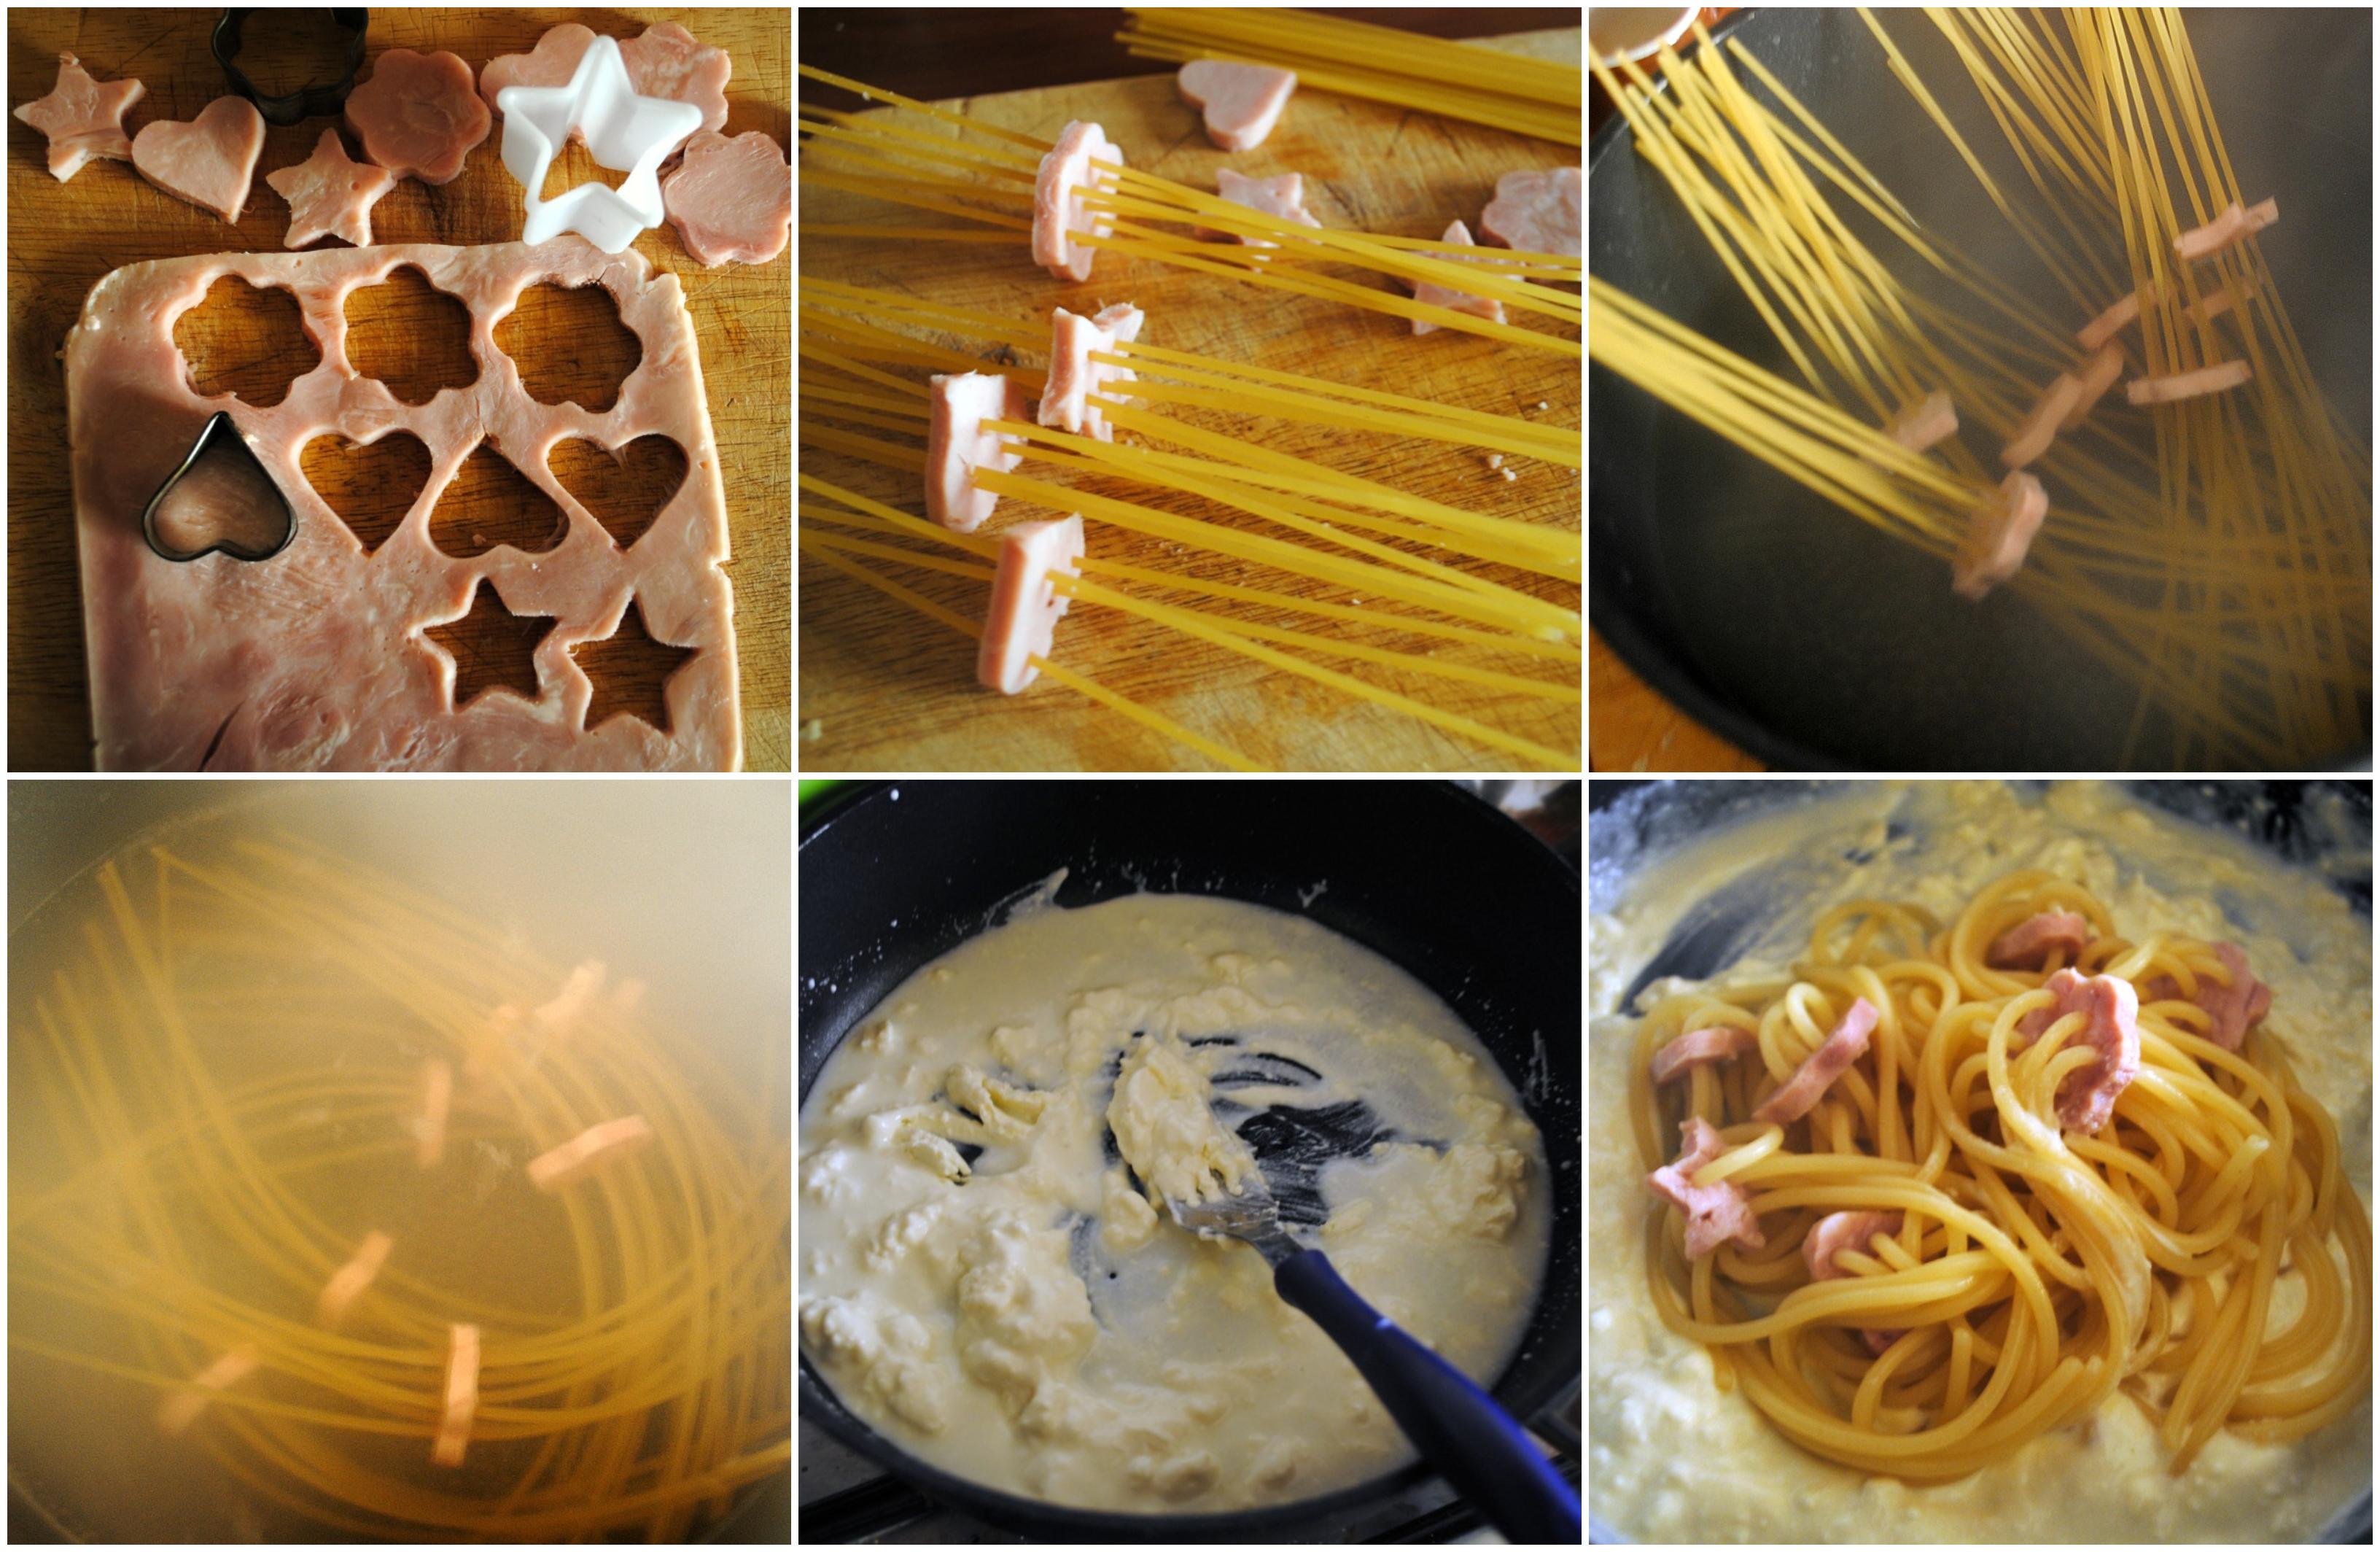 spaghetti ricotta e prosciutto